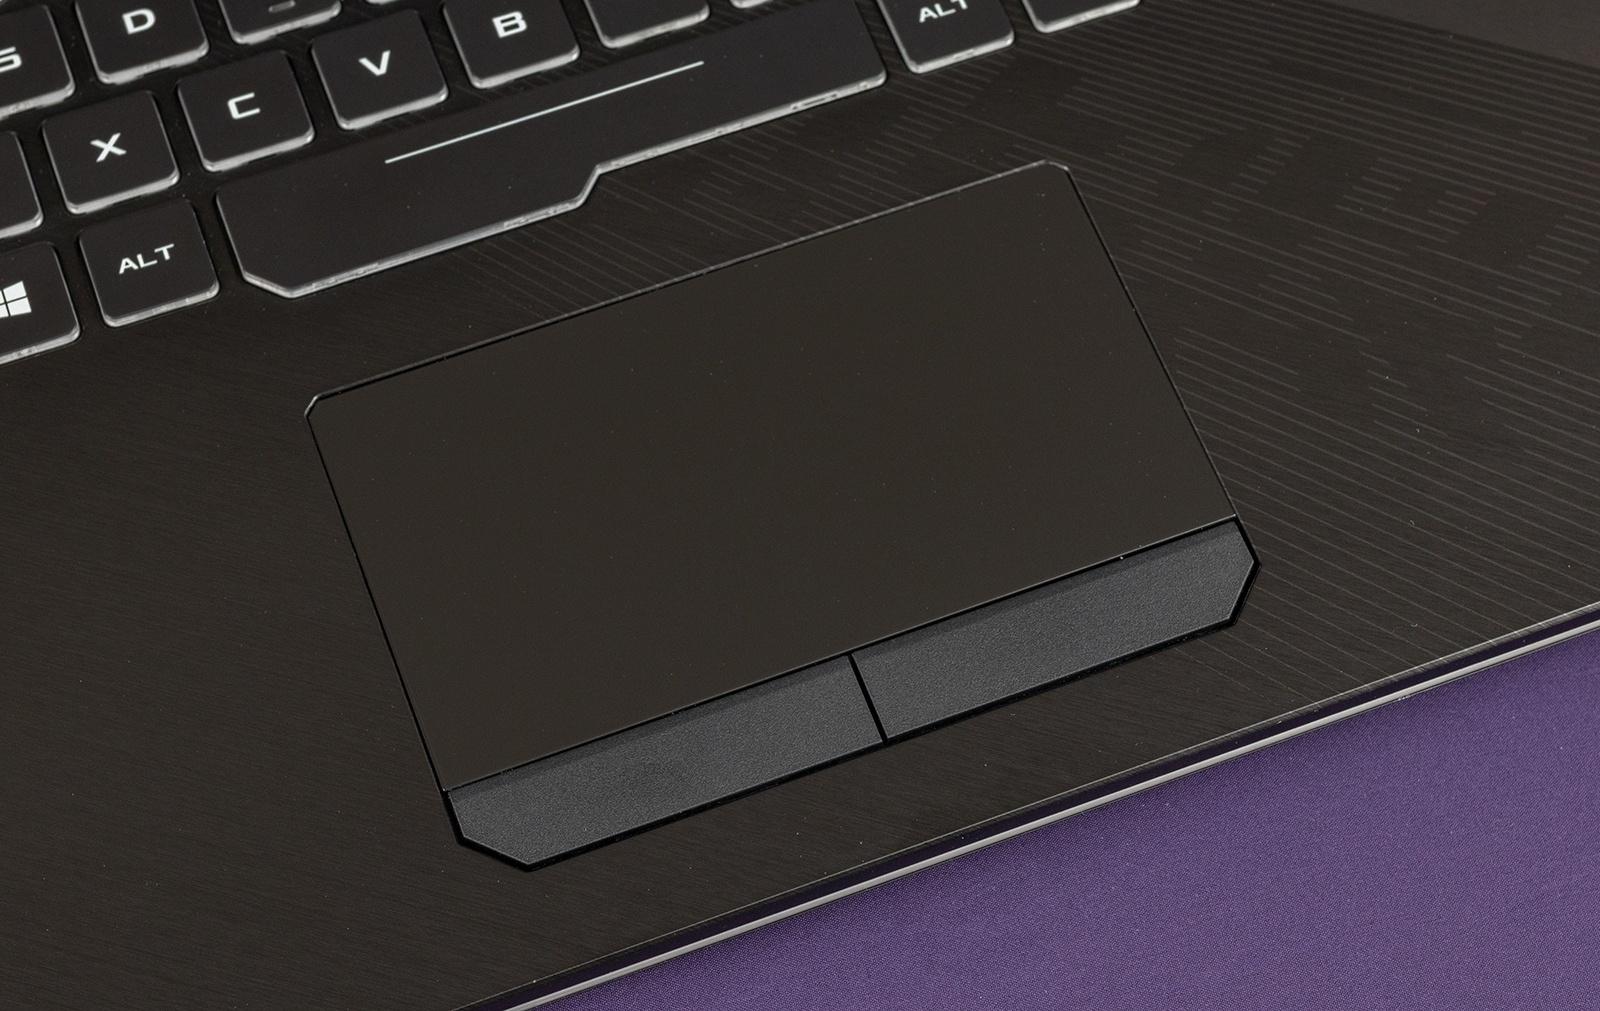 Обзор игровых ноутбуков ASUS ROG Strix GL504GS SCAR II и ASUS ROG Strix GL504GM HERO II - 37